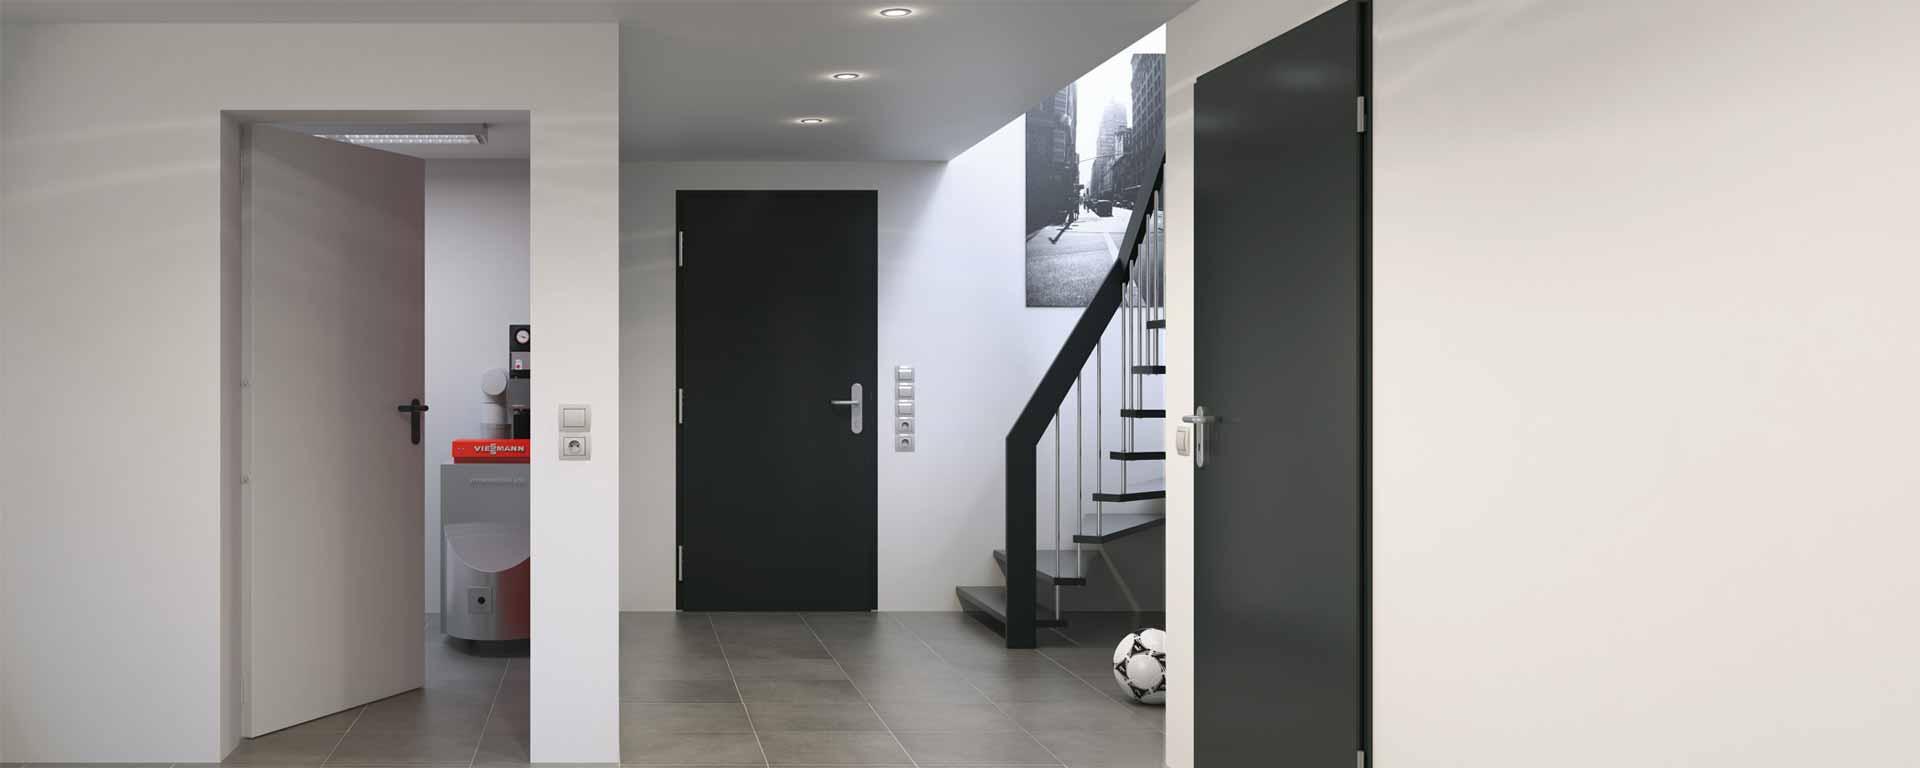 Türen für den Wohnungsbau